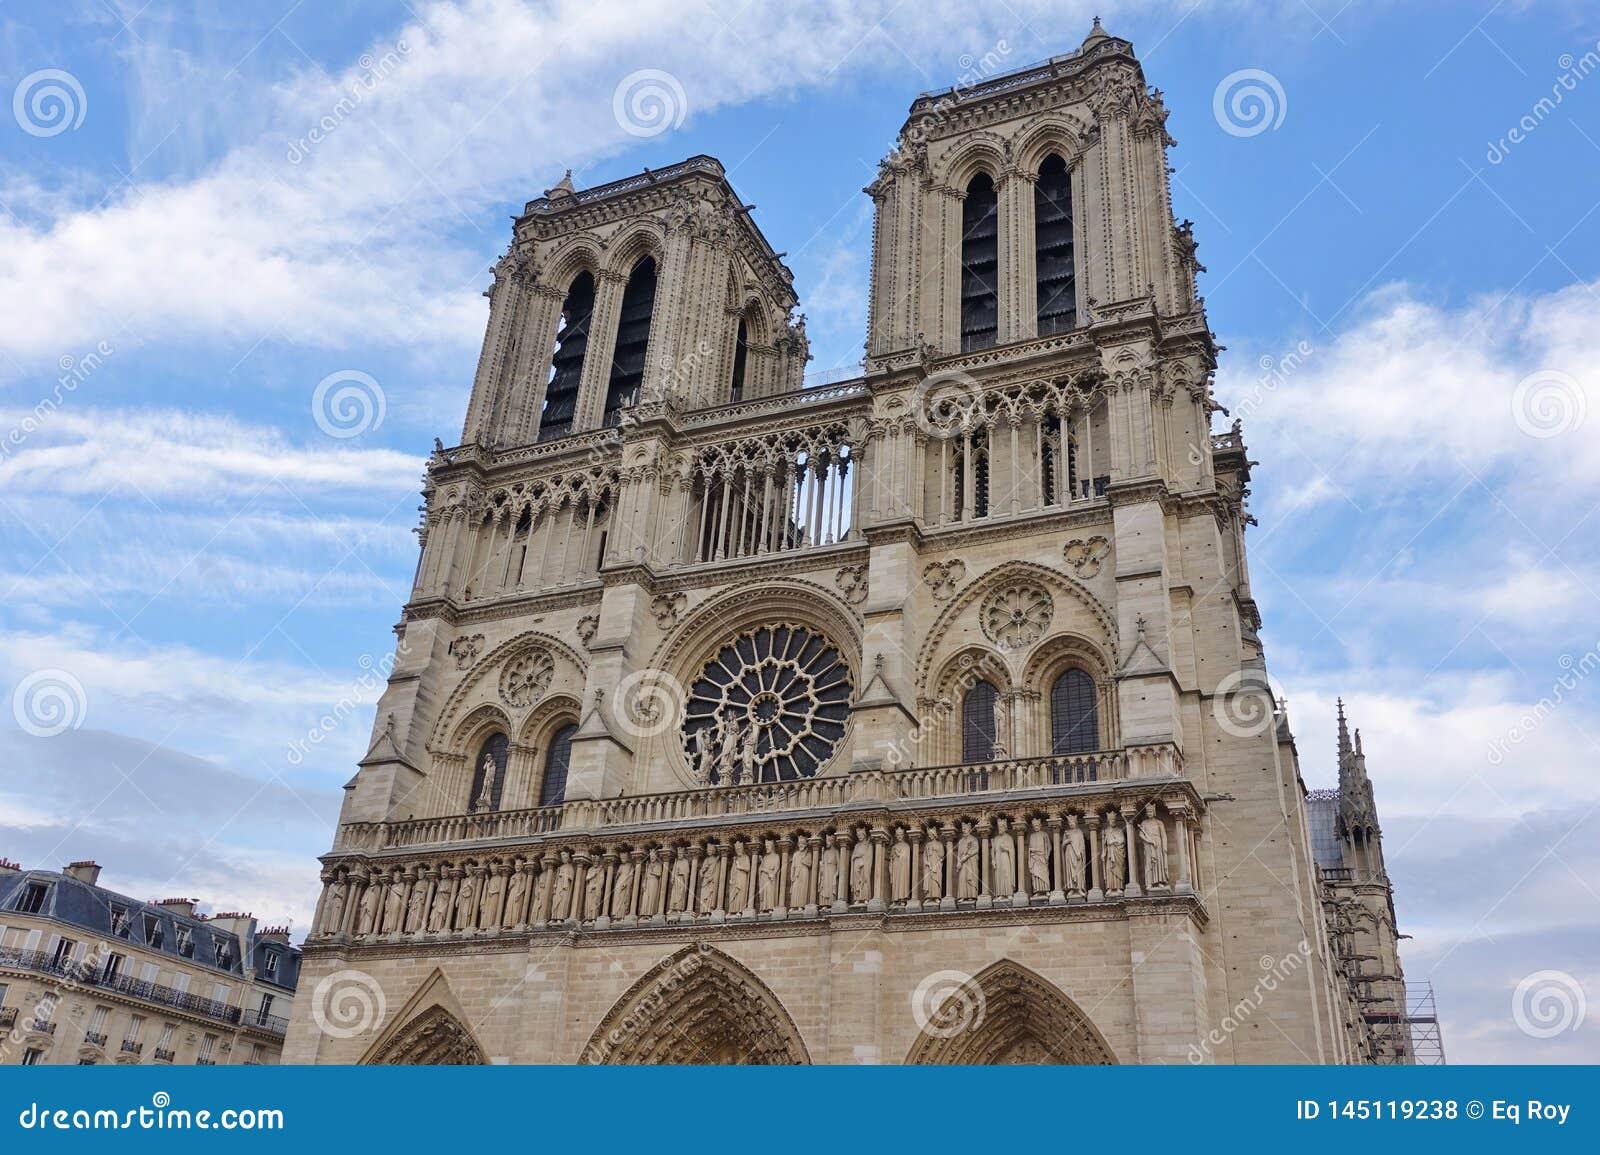 Vue de la cathédrale de Notre Dame de Paris avant le feu d avril 2019